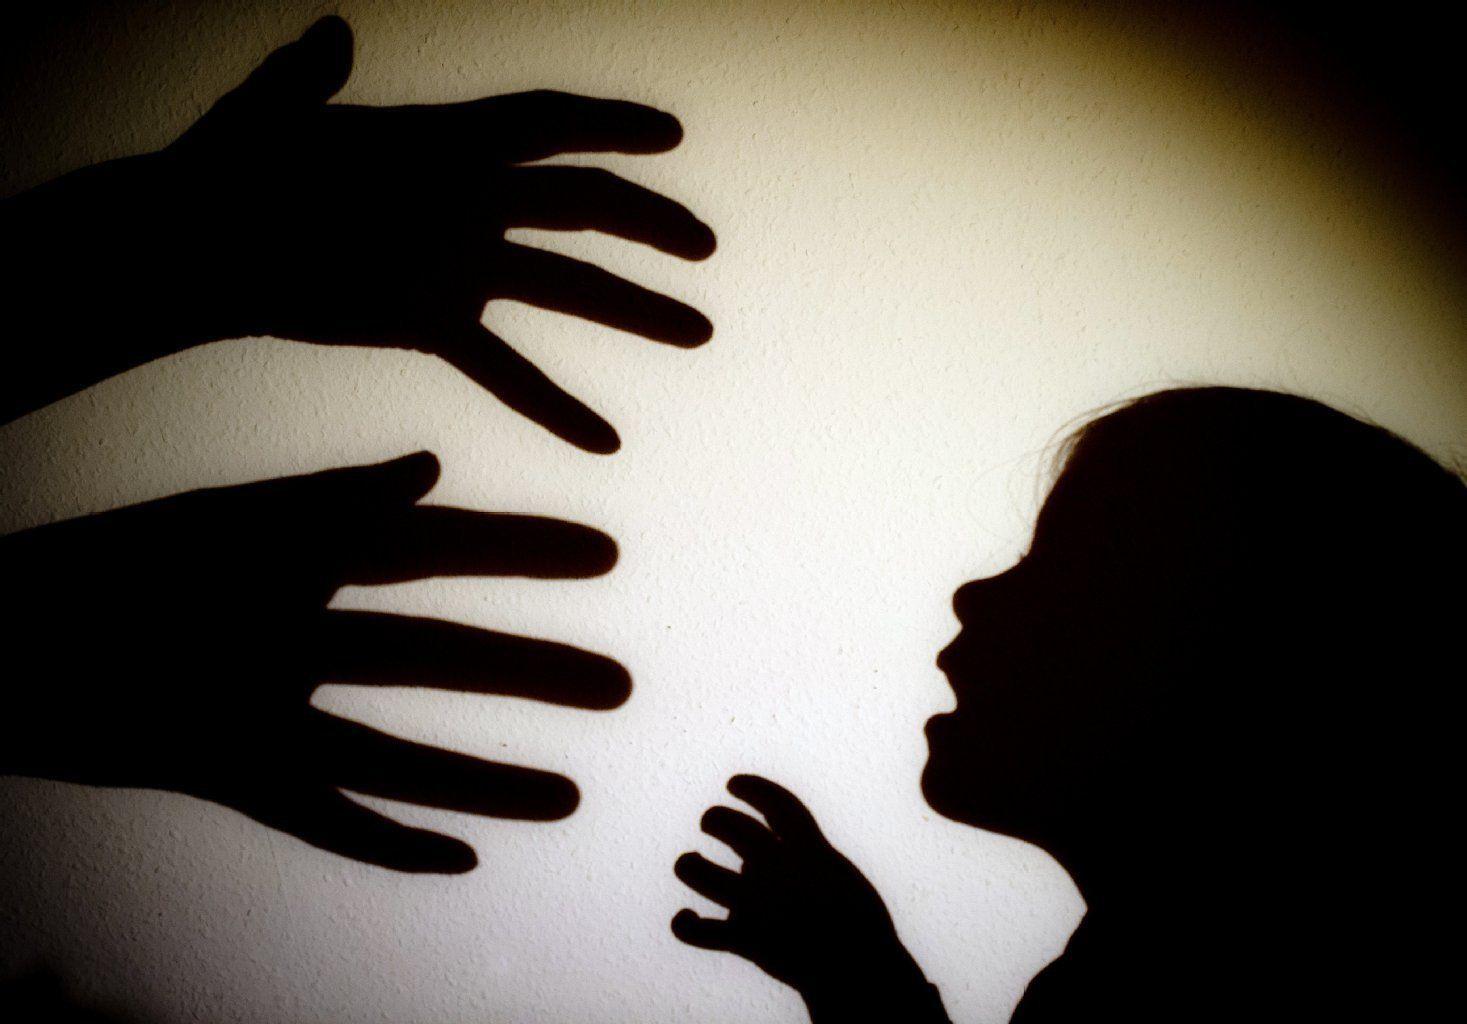 Violenta la figlia di 9 anni con la complicità della moglie, mettendola incinta: ora rischia l'ergastolo